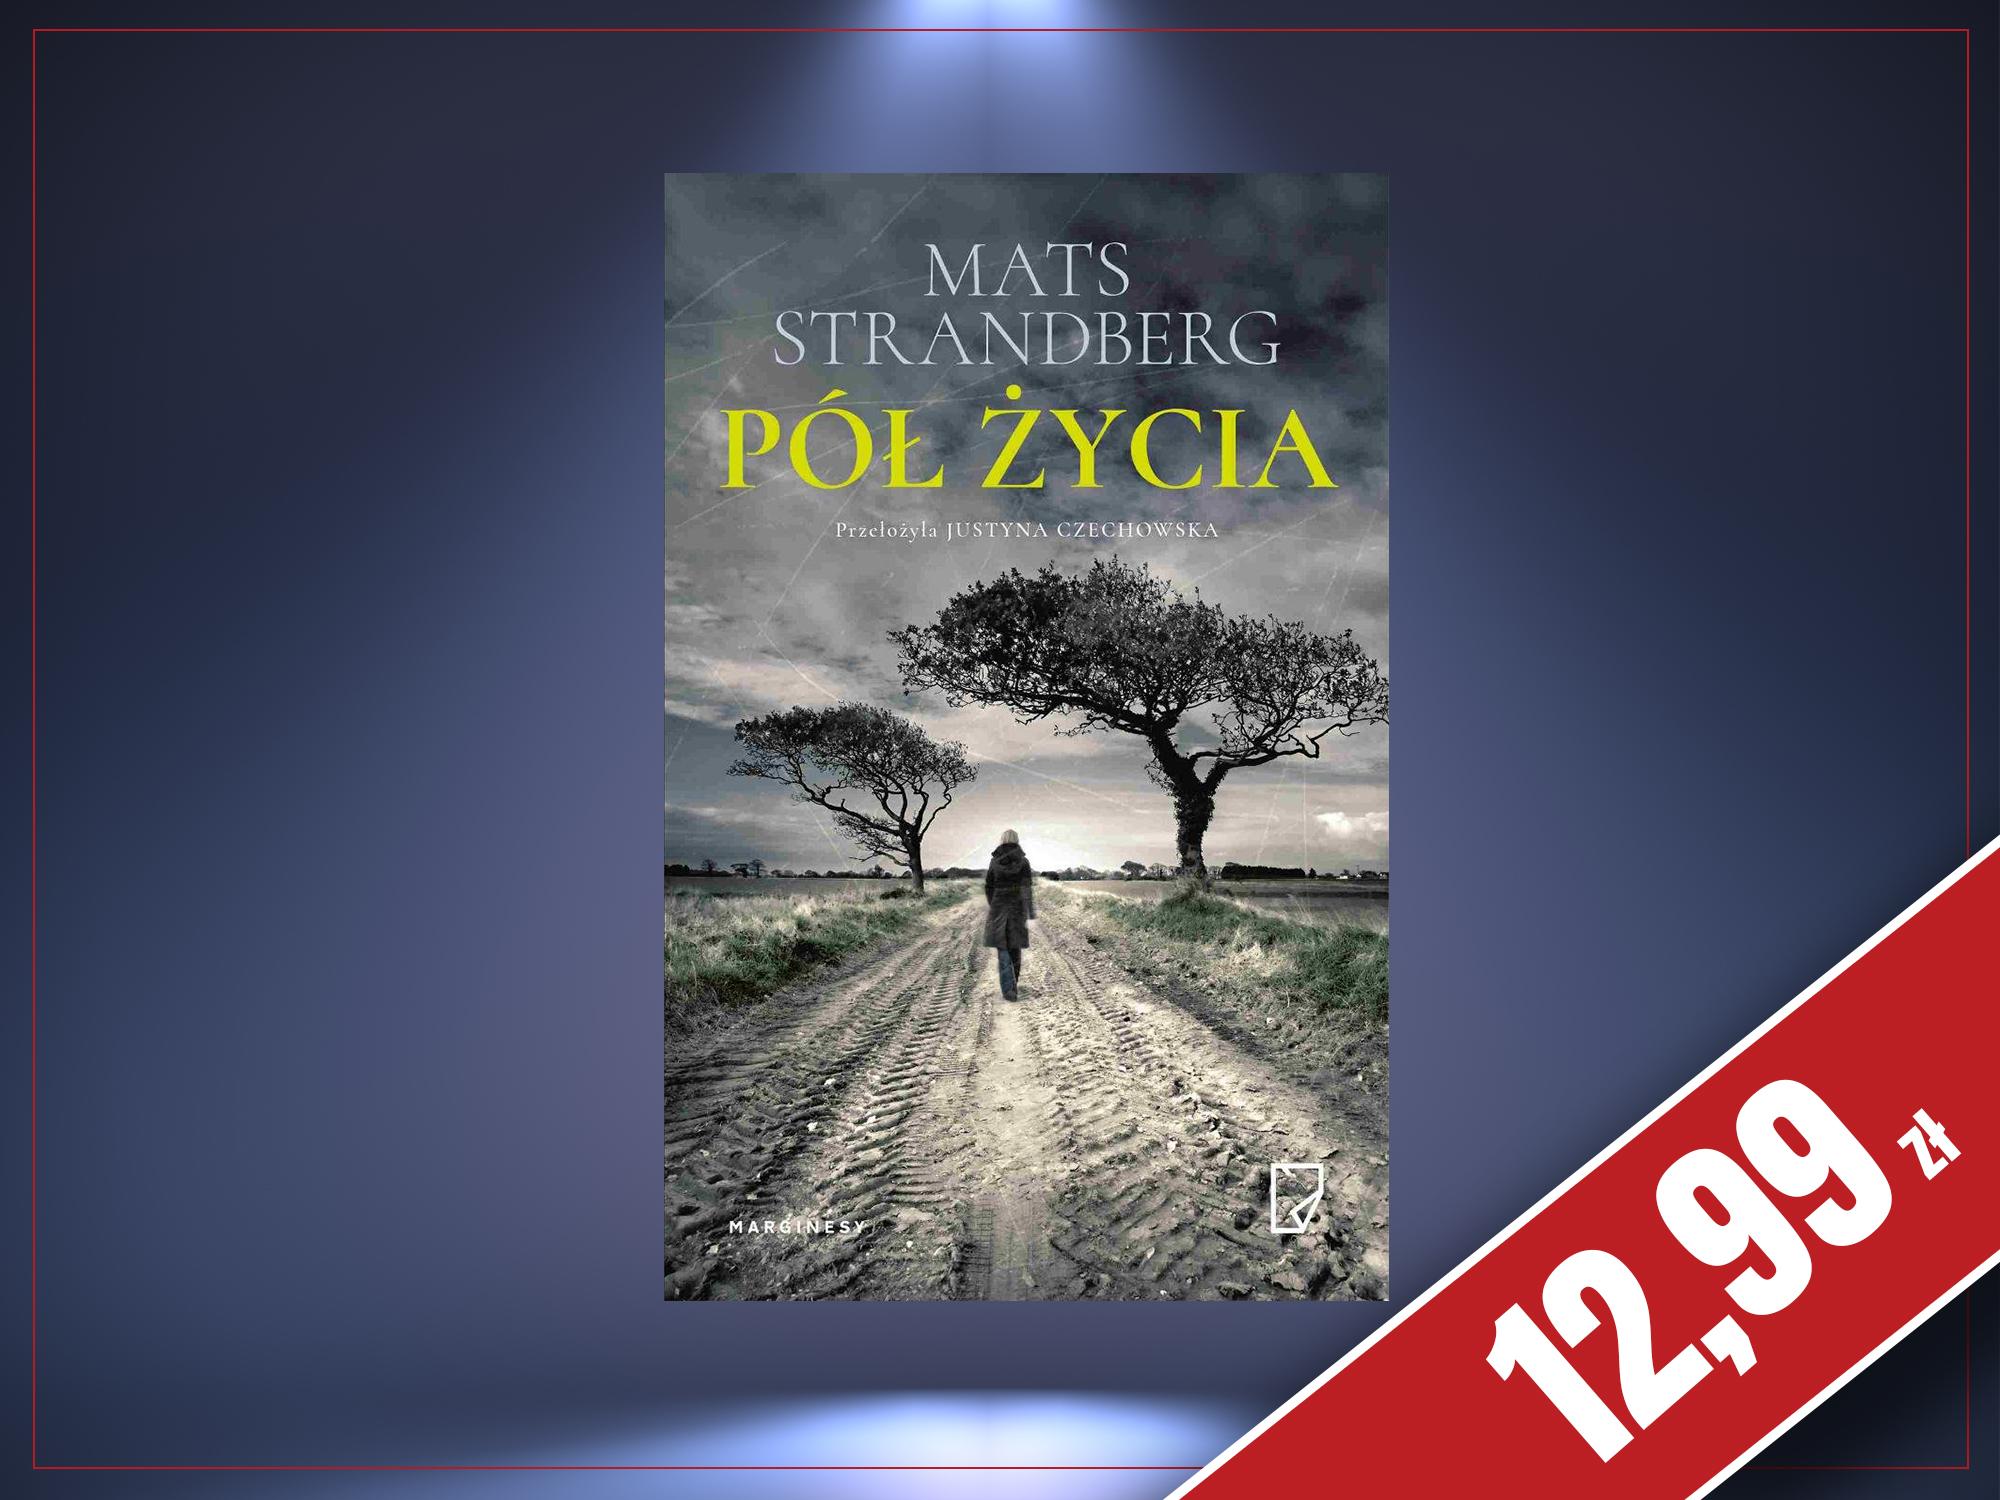 Pół życia, Mats Strandberg